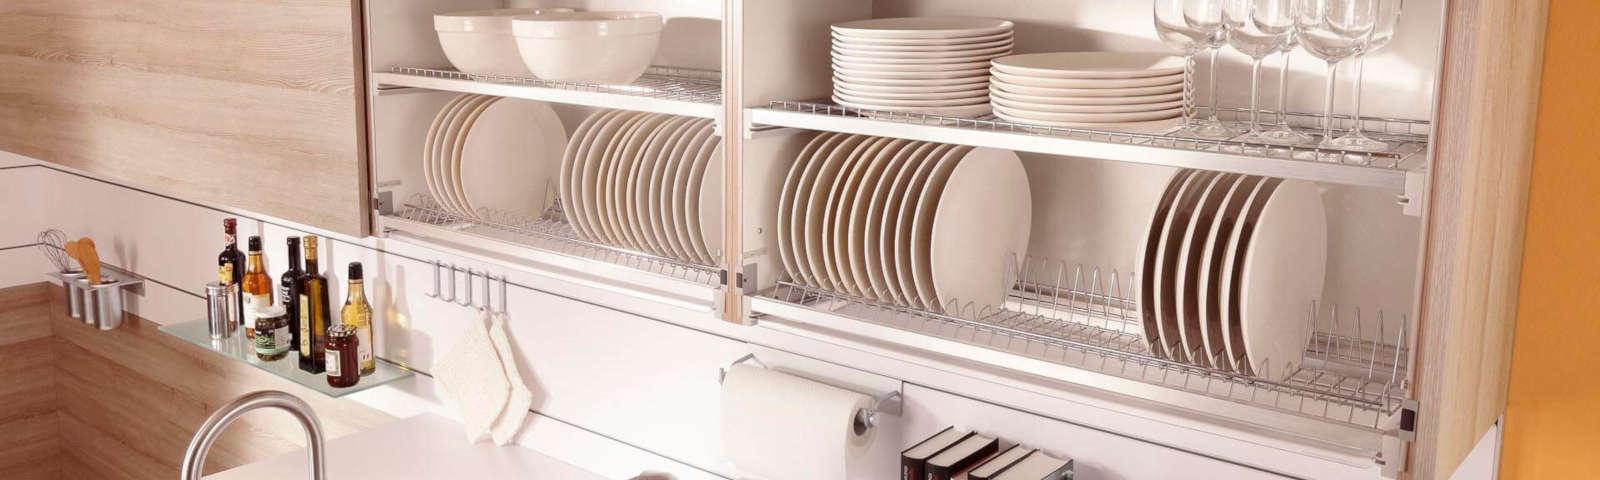 сушилка для посуды встраиваемая фото